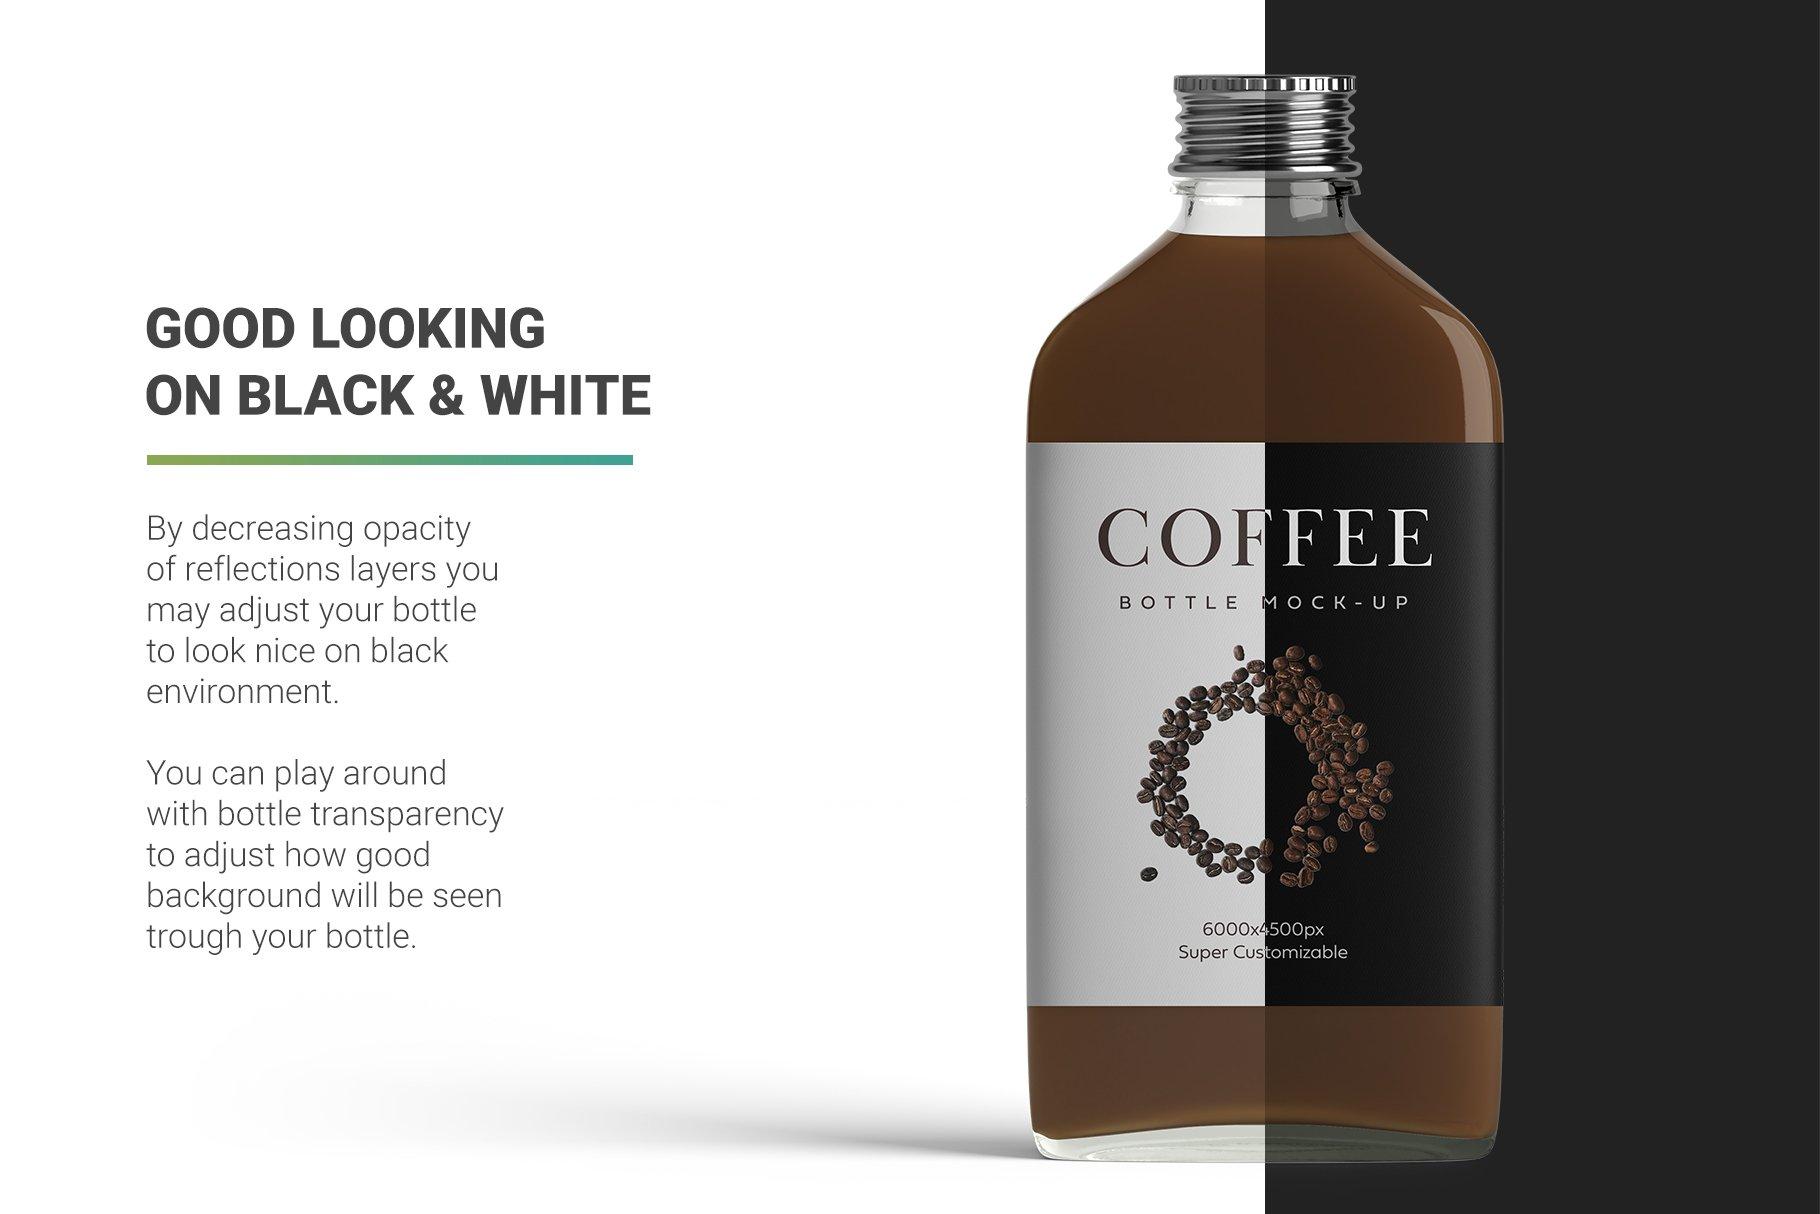 冷冲泡咖啡玻璃瓶标签设计展示贴图样机 Coffee Bottle Mockup插图9